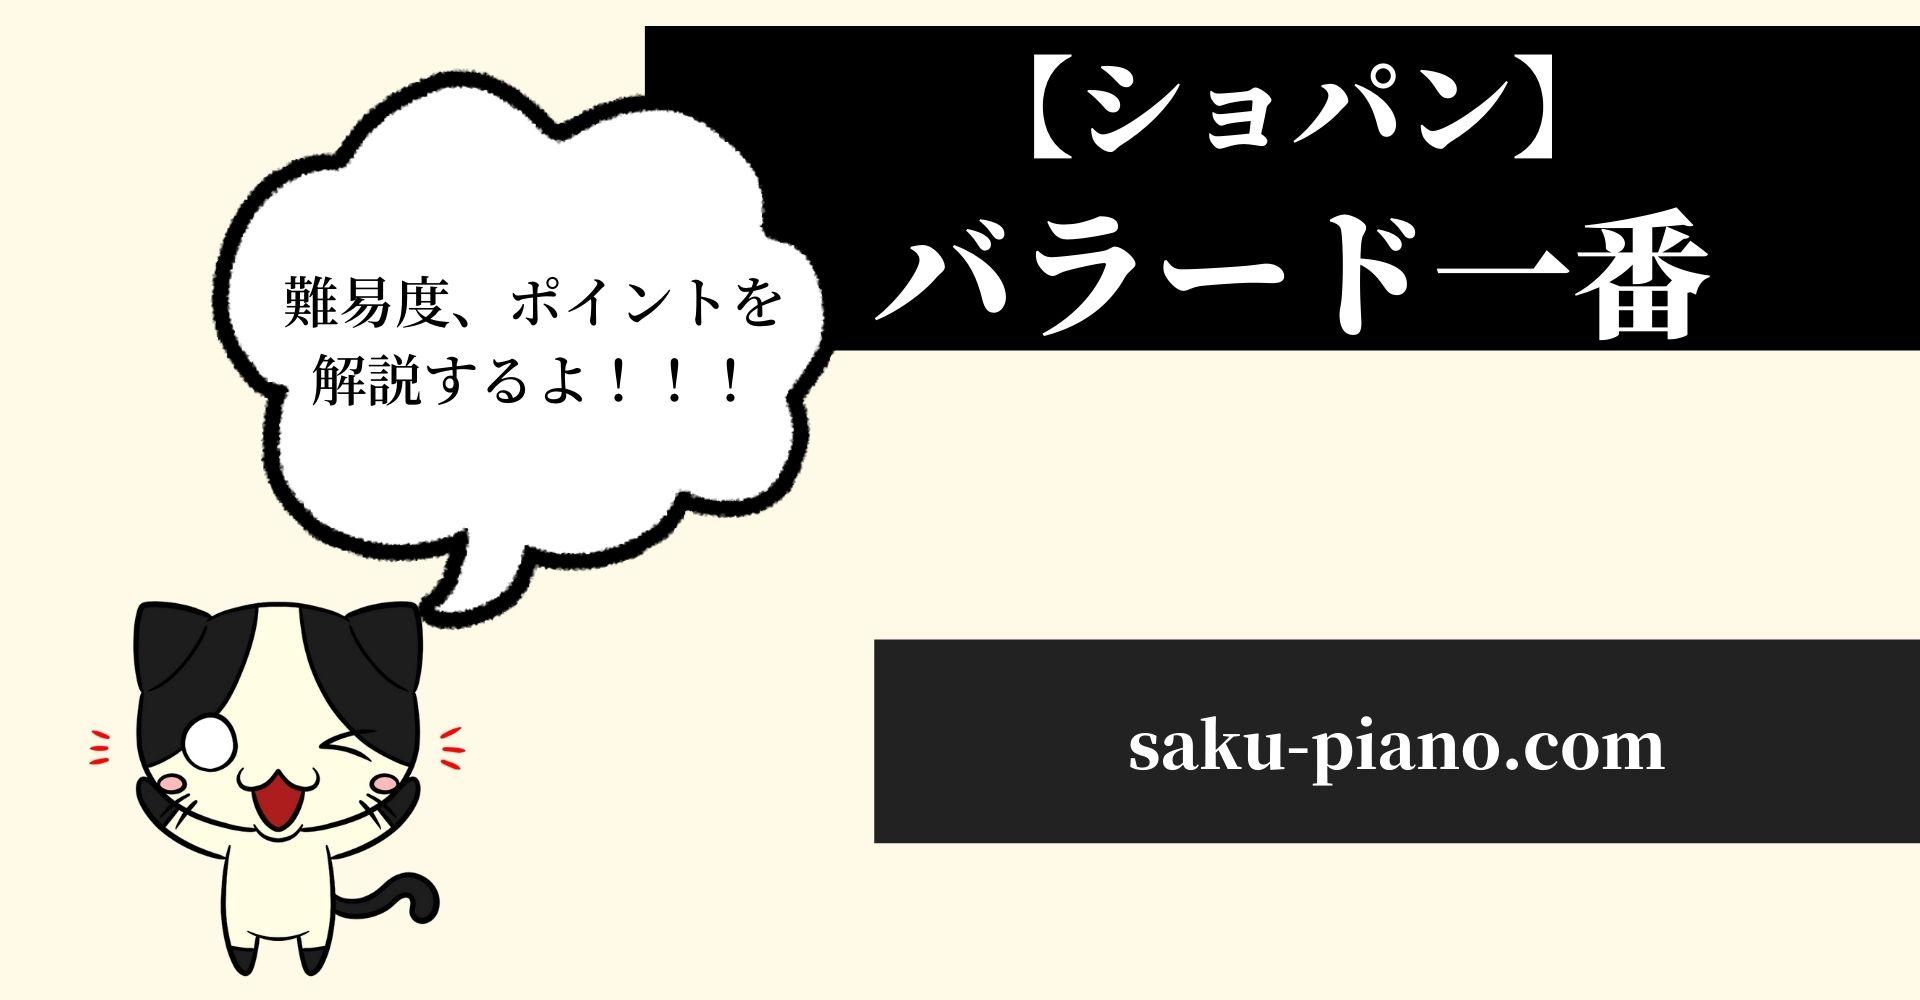 【ショパン】のアイキャッチ画像